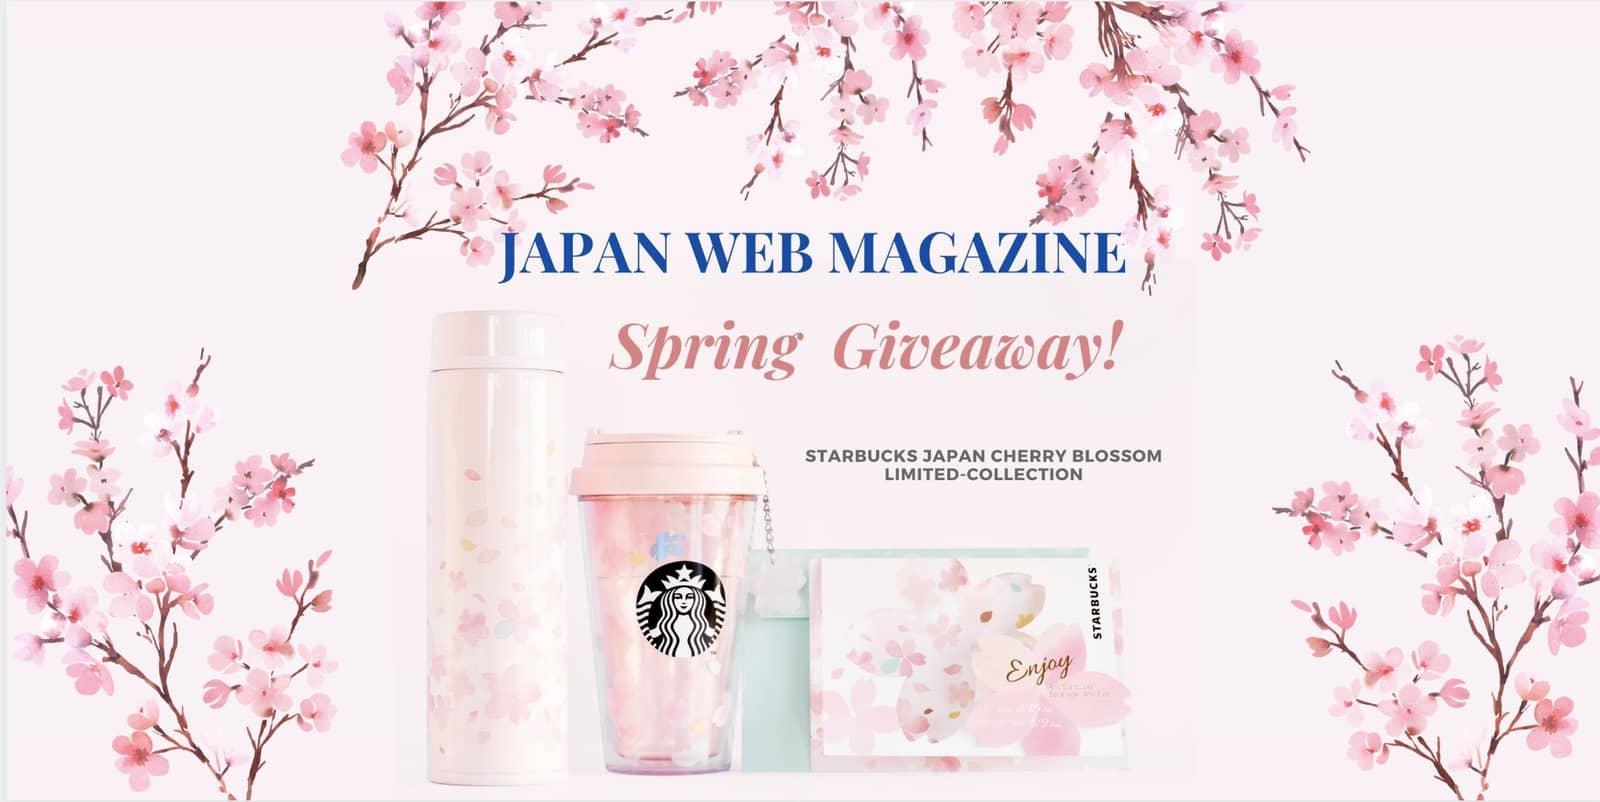 Starbucks Japan Sakura Collection 2020: Spring Giveaway!!